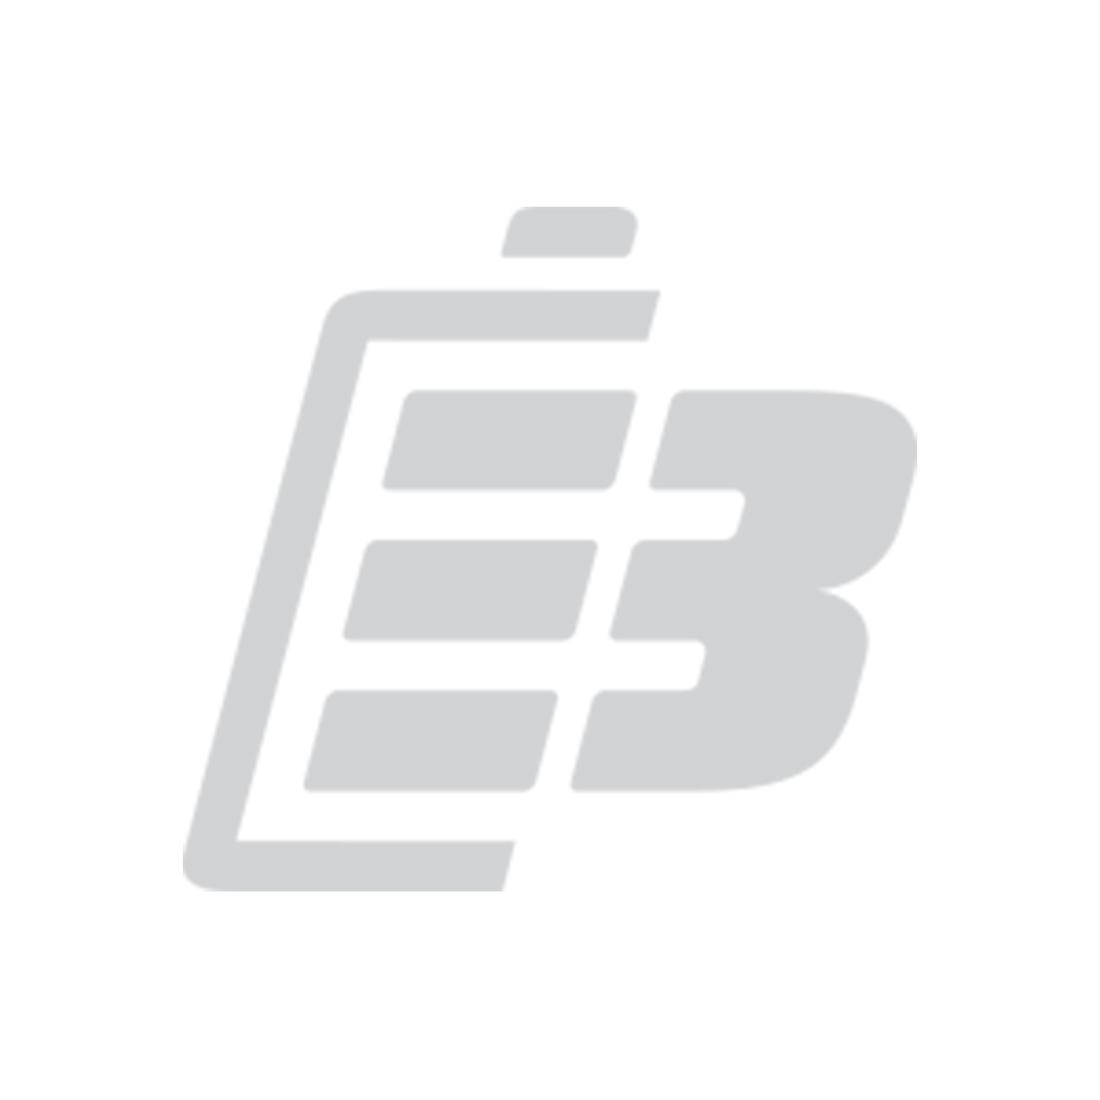 Panasonic NCR18650B battery 18650 3400mah 1